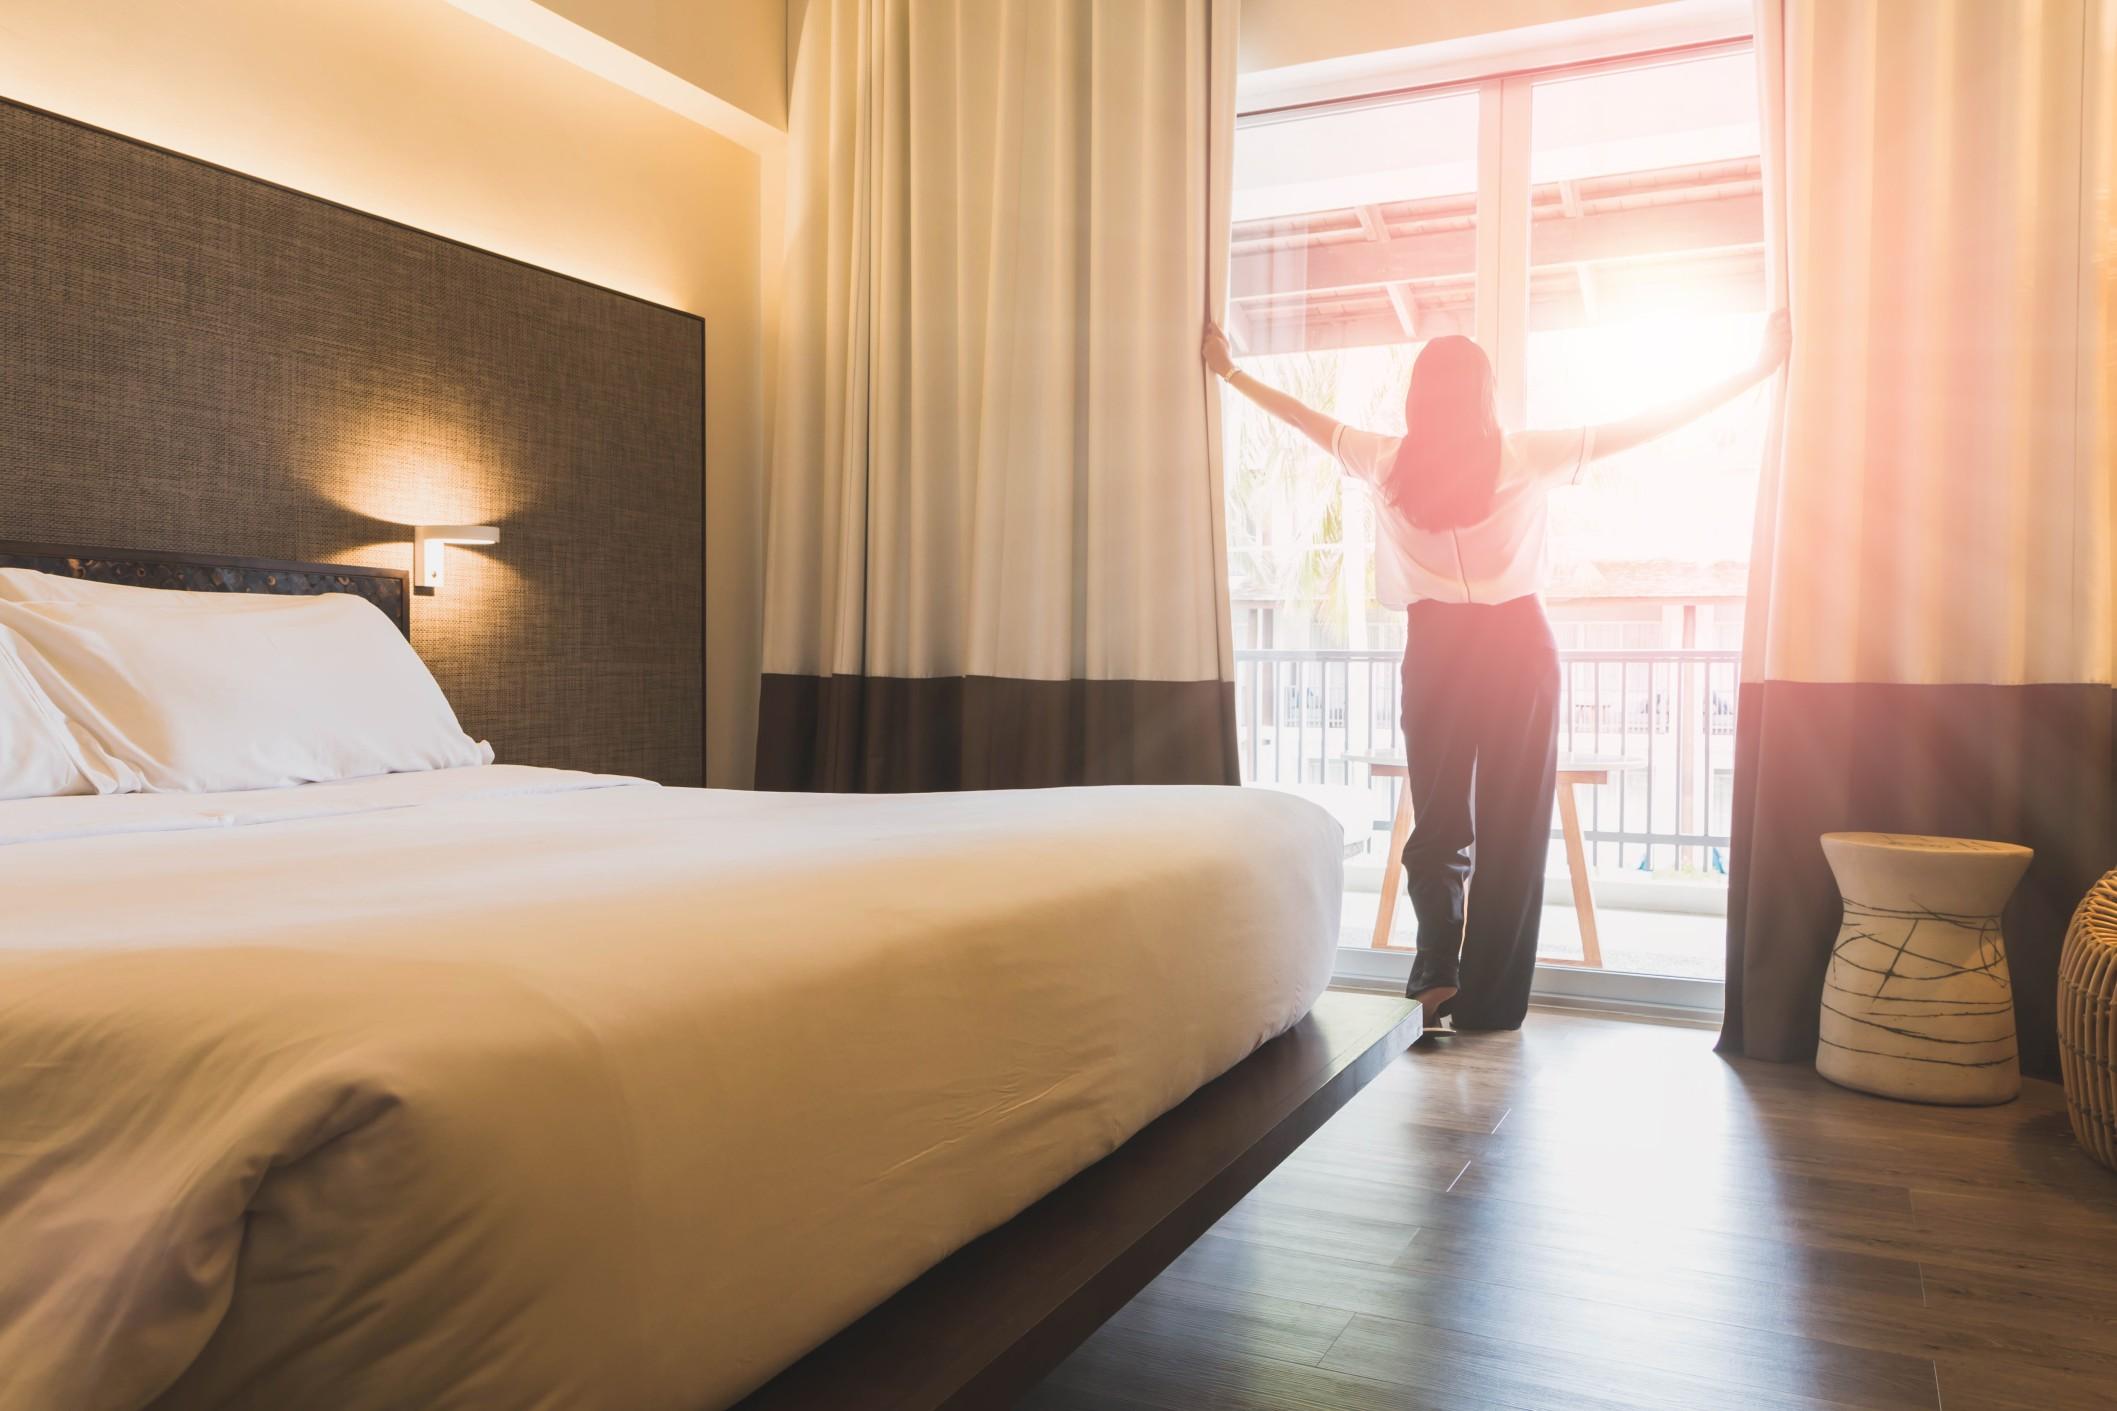 Ouvrir son hôtel, comment s'organiser ?